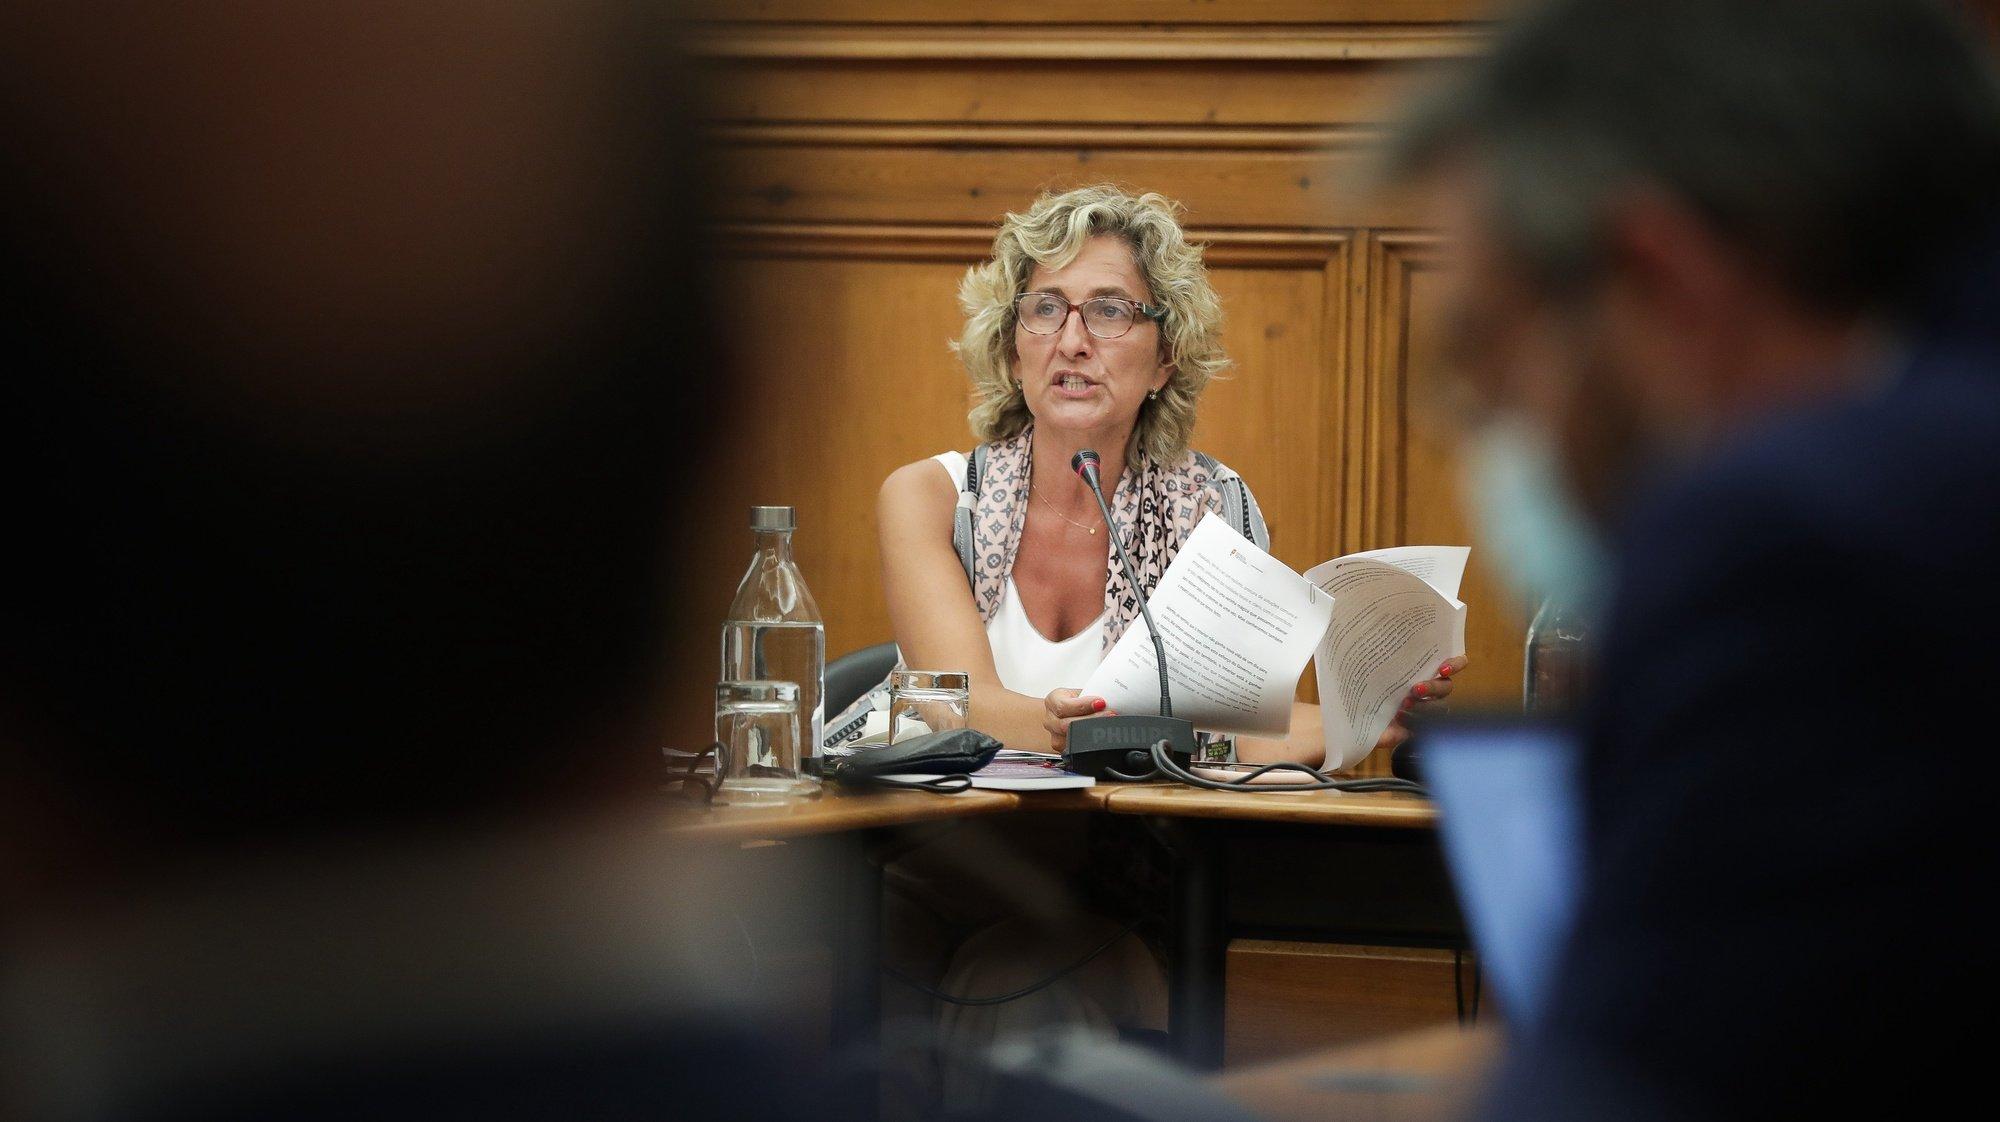 A ministra da Coesão Territorial, Ana Abrunhosa, durante a sua audição na Comissão de Administração Pública, Modernização Administrativa, Descentralização e Poder Local, na Assembleia da República, em Lisboa, 21 de julho de 2020. MÁRIO CRUZ/LUSA